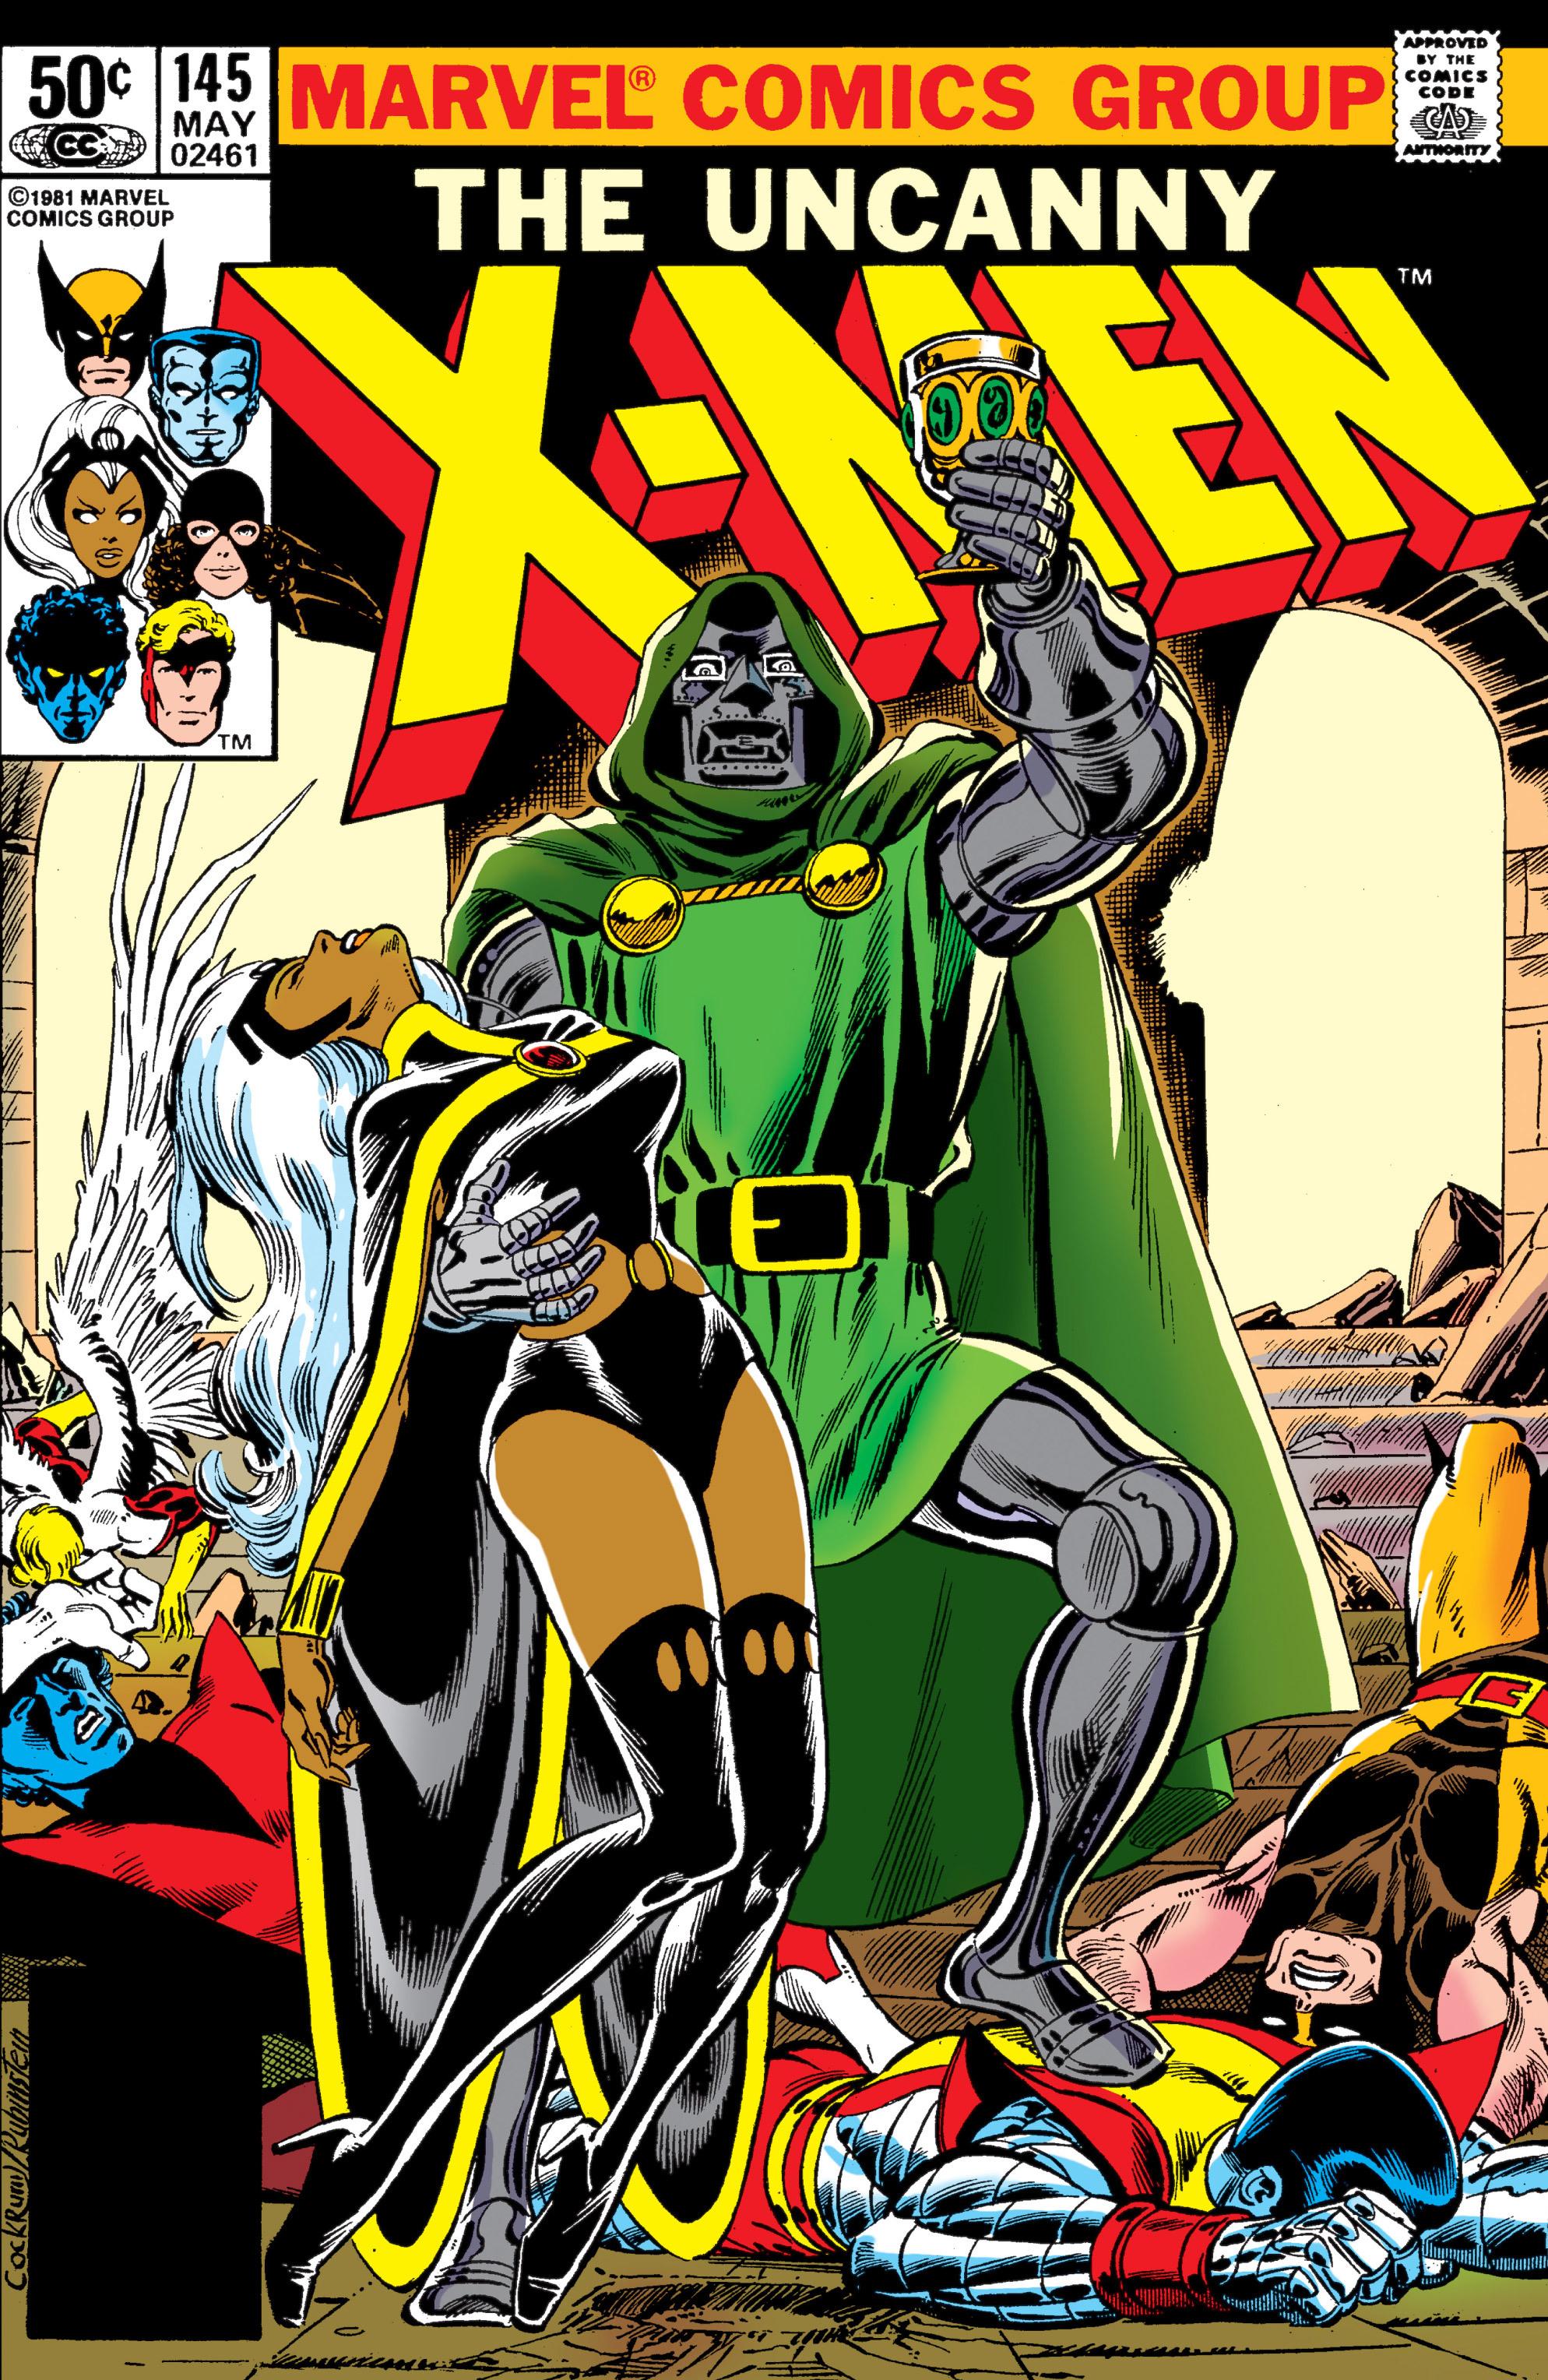 Read online Uncanny X-Men (1963) comic -  Issue #145 - 1